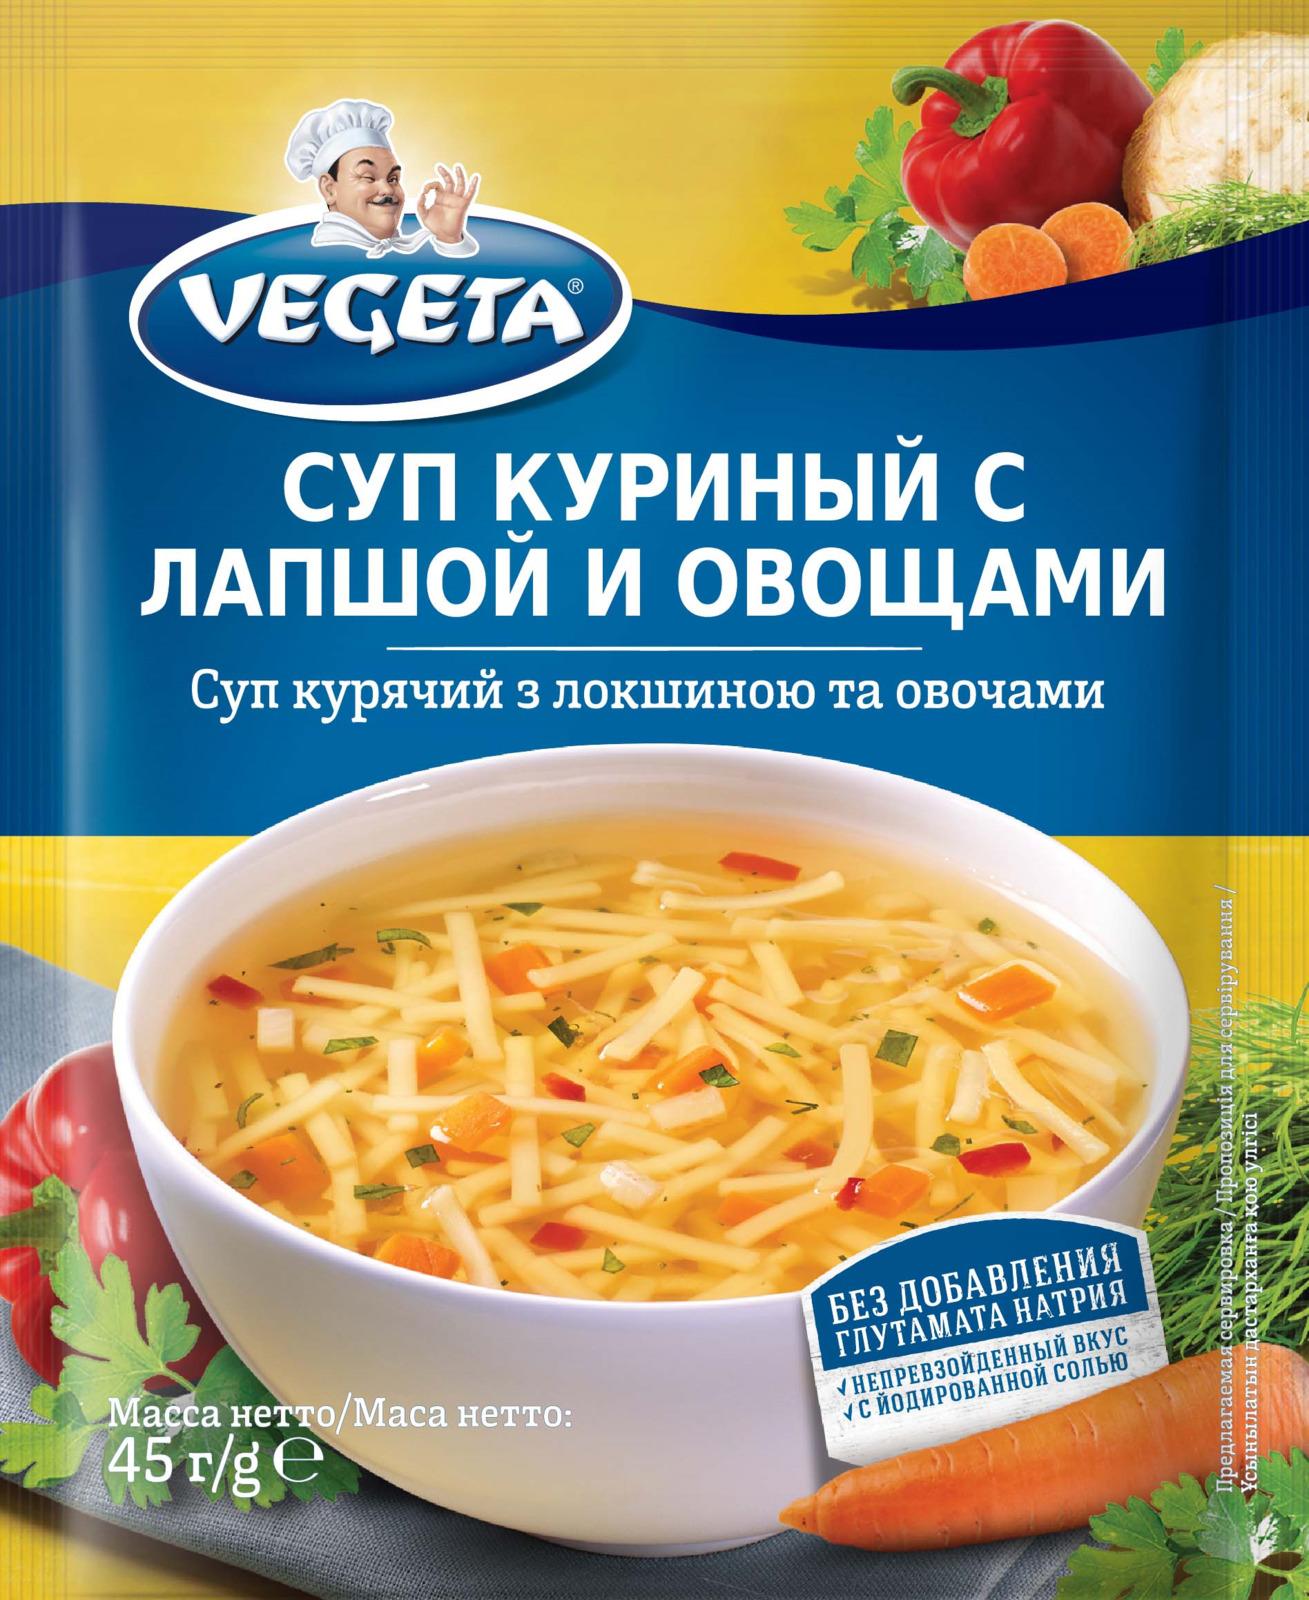 Суп быстрого приготовления Vegeta Куриный с лапшой и овощами, 45 г